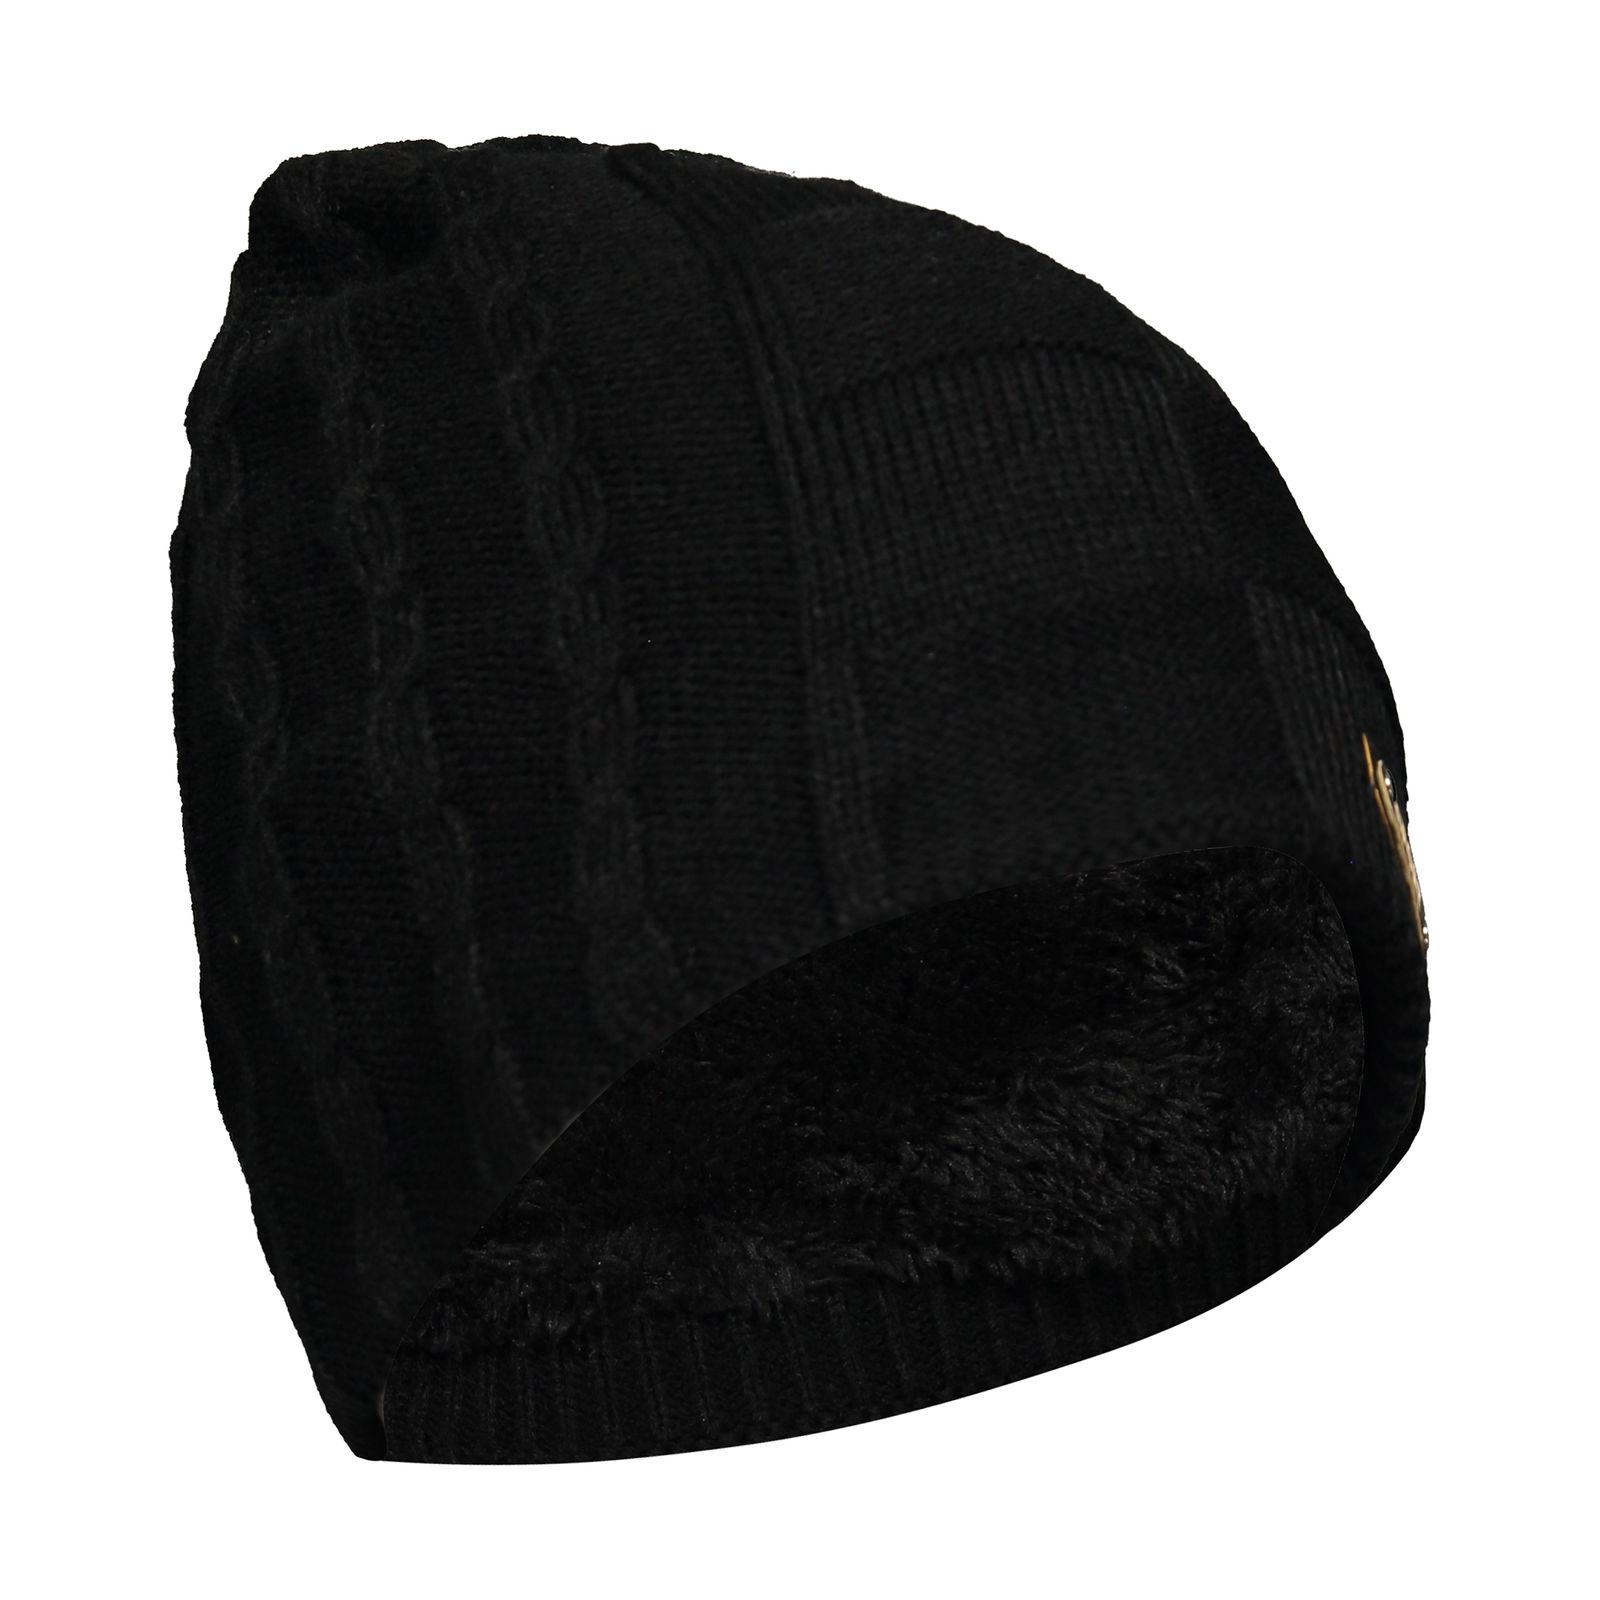 کلاه بافتنی مردانه کد 222 -  - 2